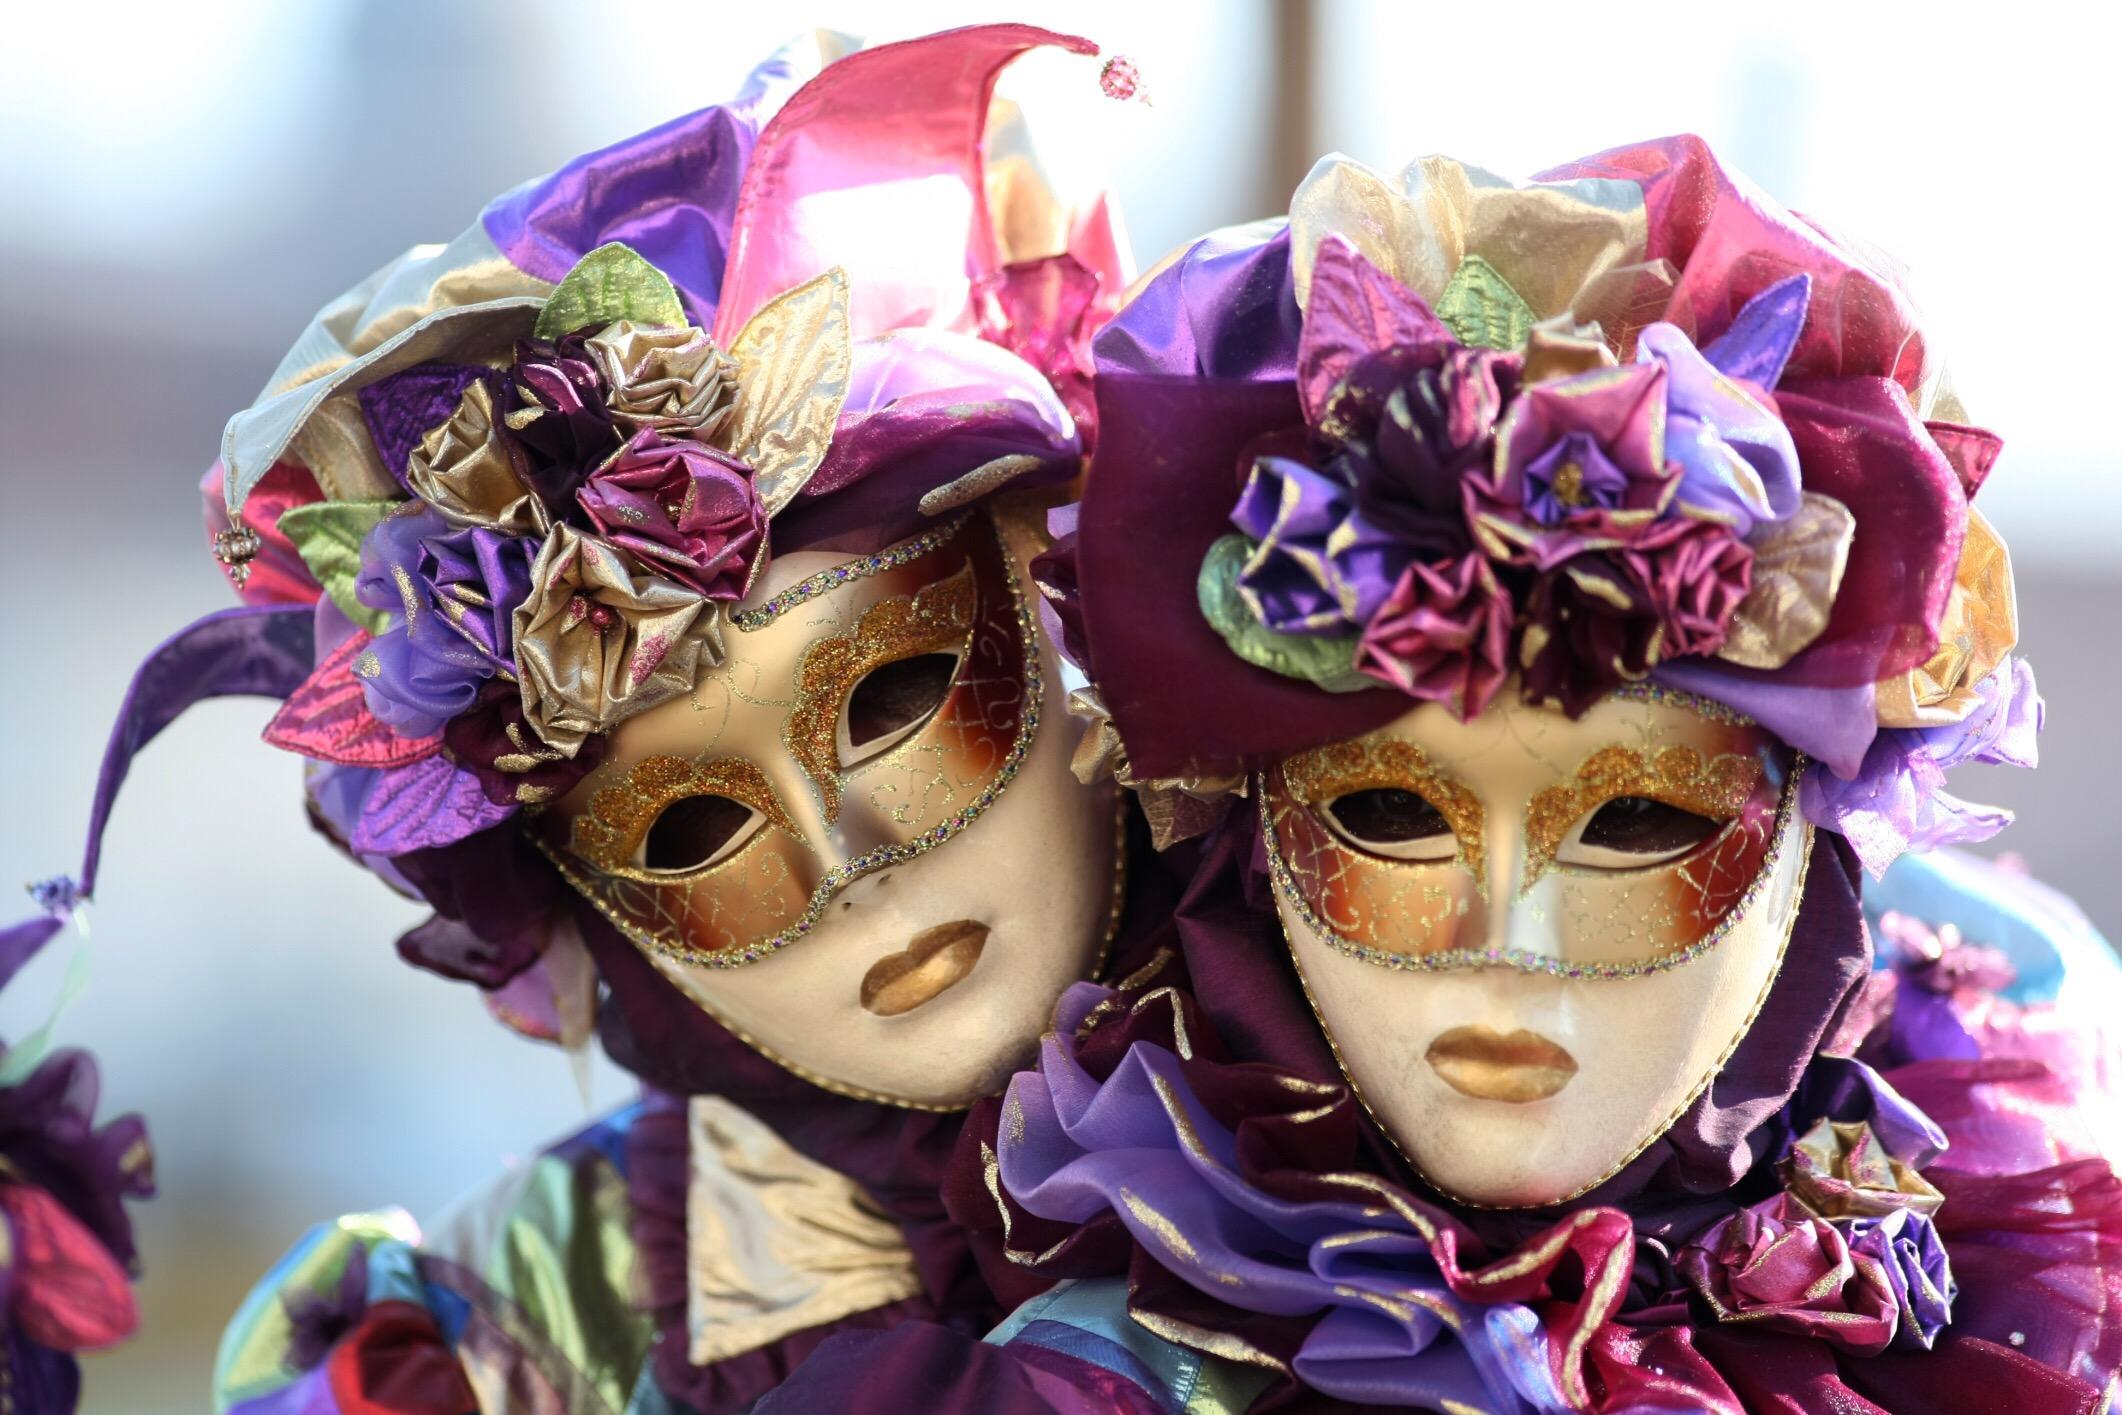 Carnaval de venecia el vestidor de julieta - Disfrazes para carnavales ...